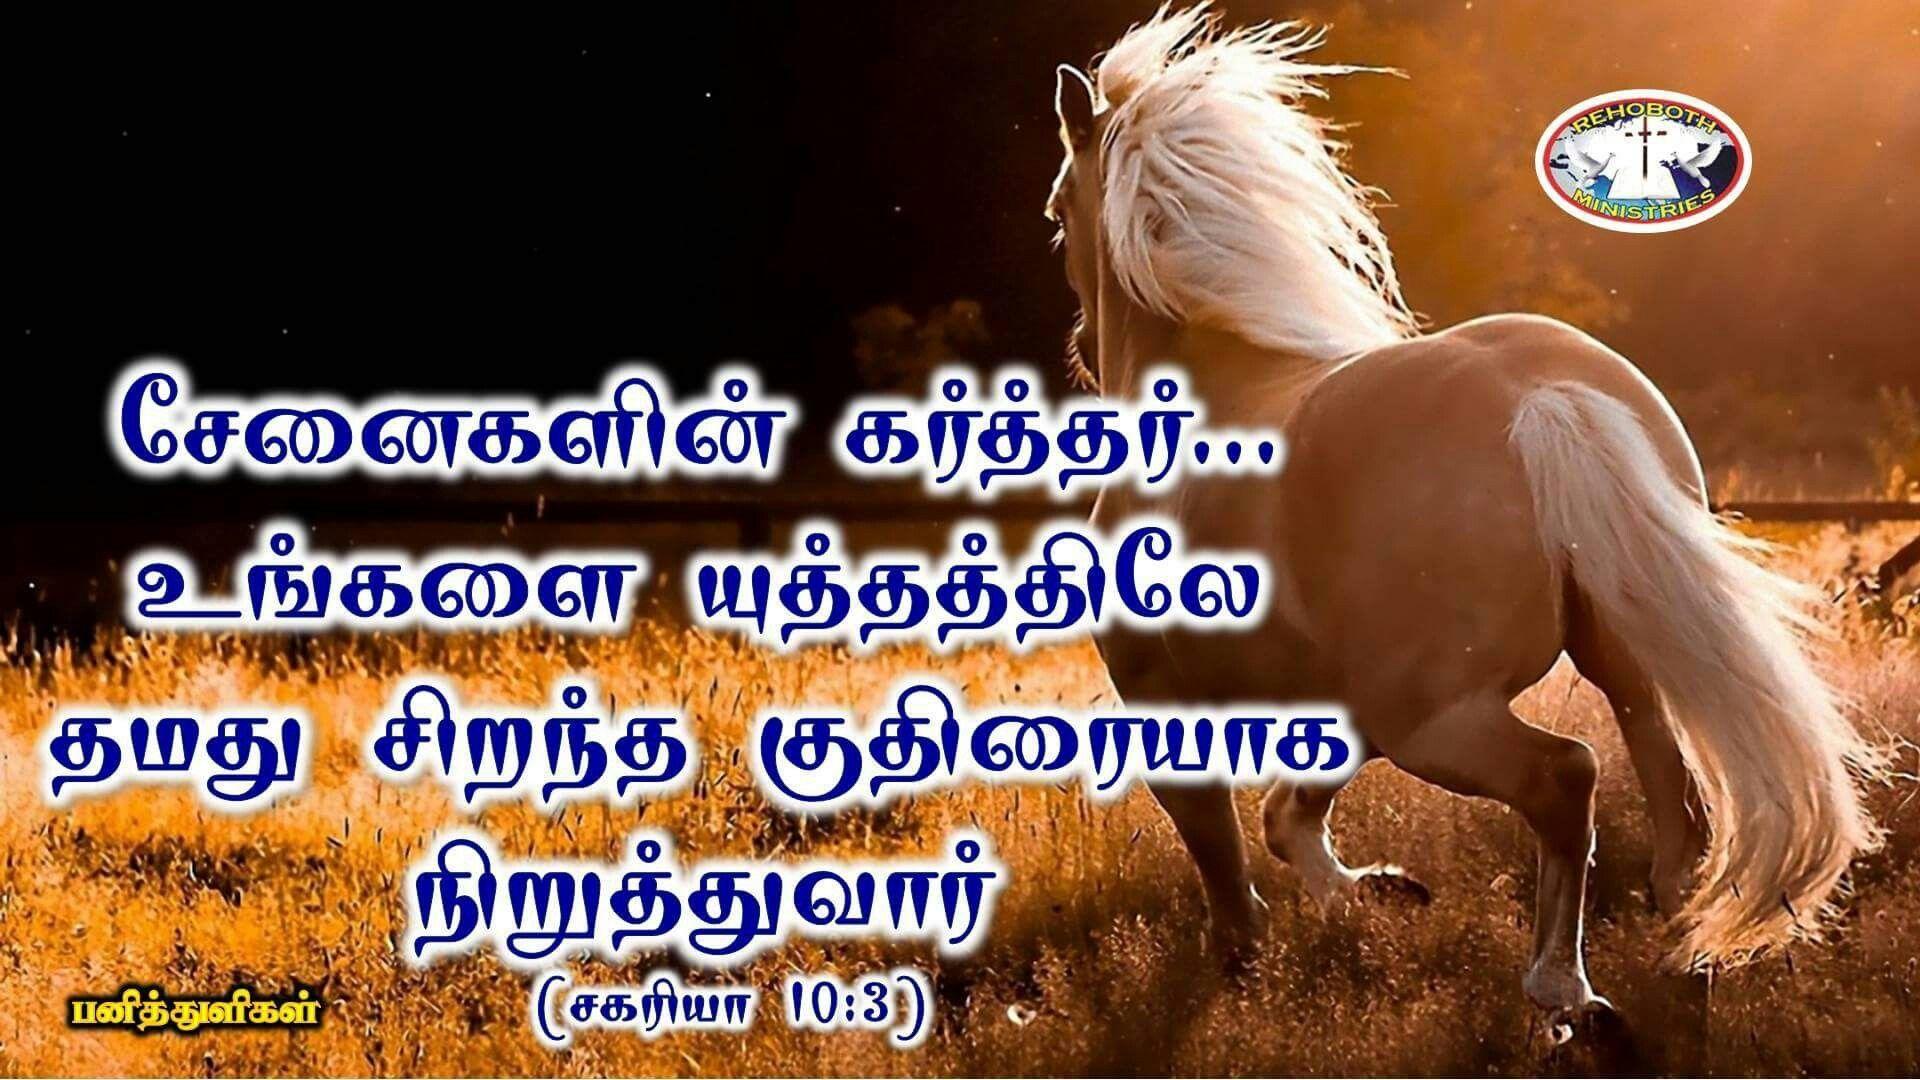 Wonderful Wallpaper Horse Bible Verse - e6abff57120a7d1d54c2bccb5b871d50  Trends_16398.jpg